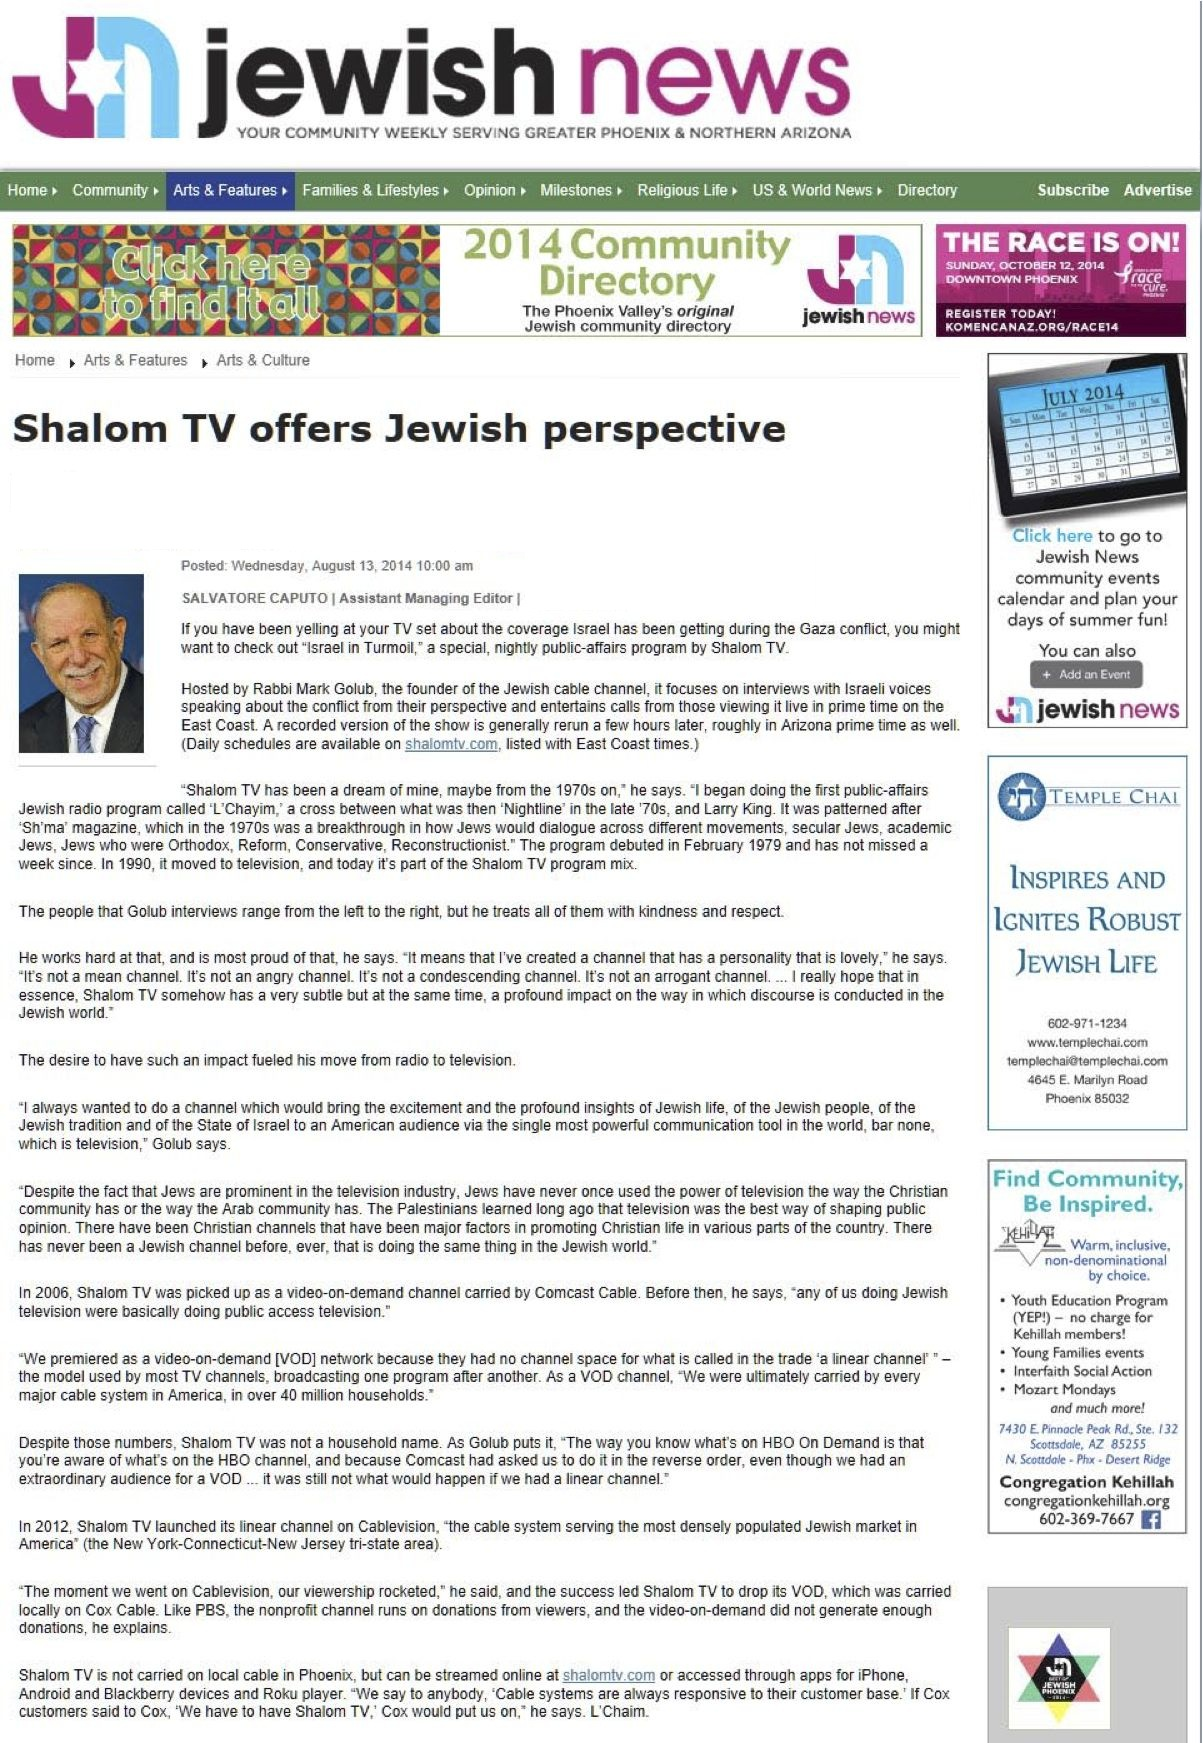 Jewish News of Phoenix 8-13-14